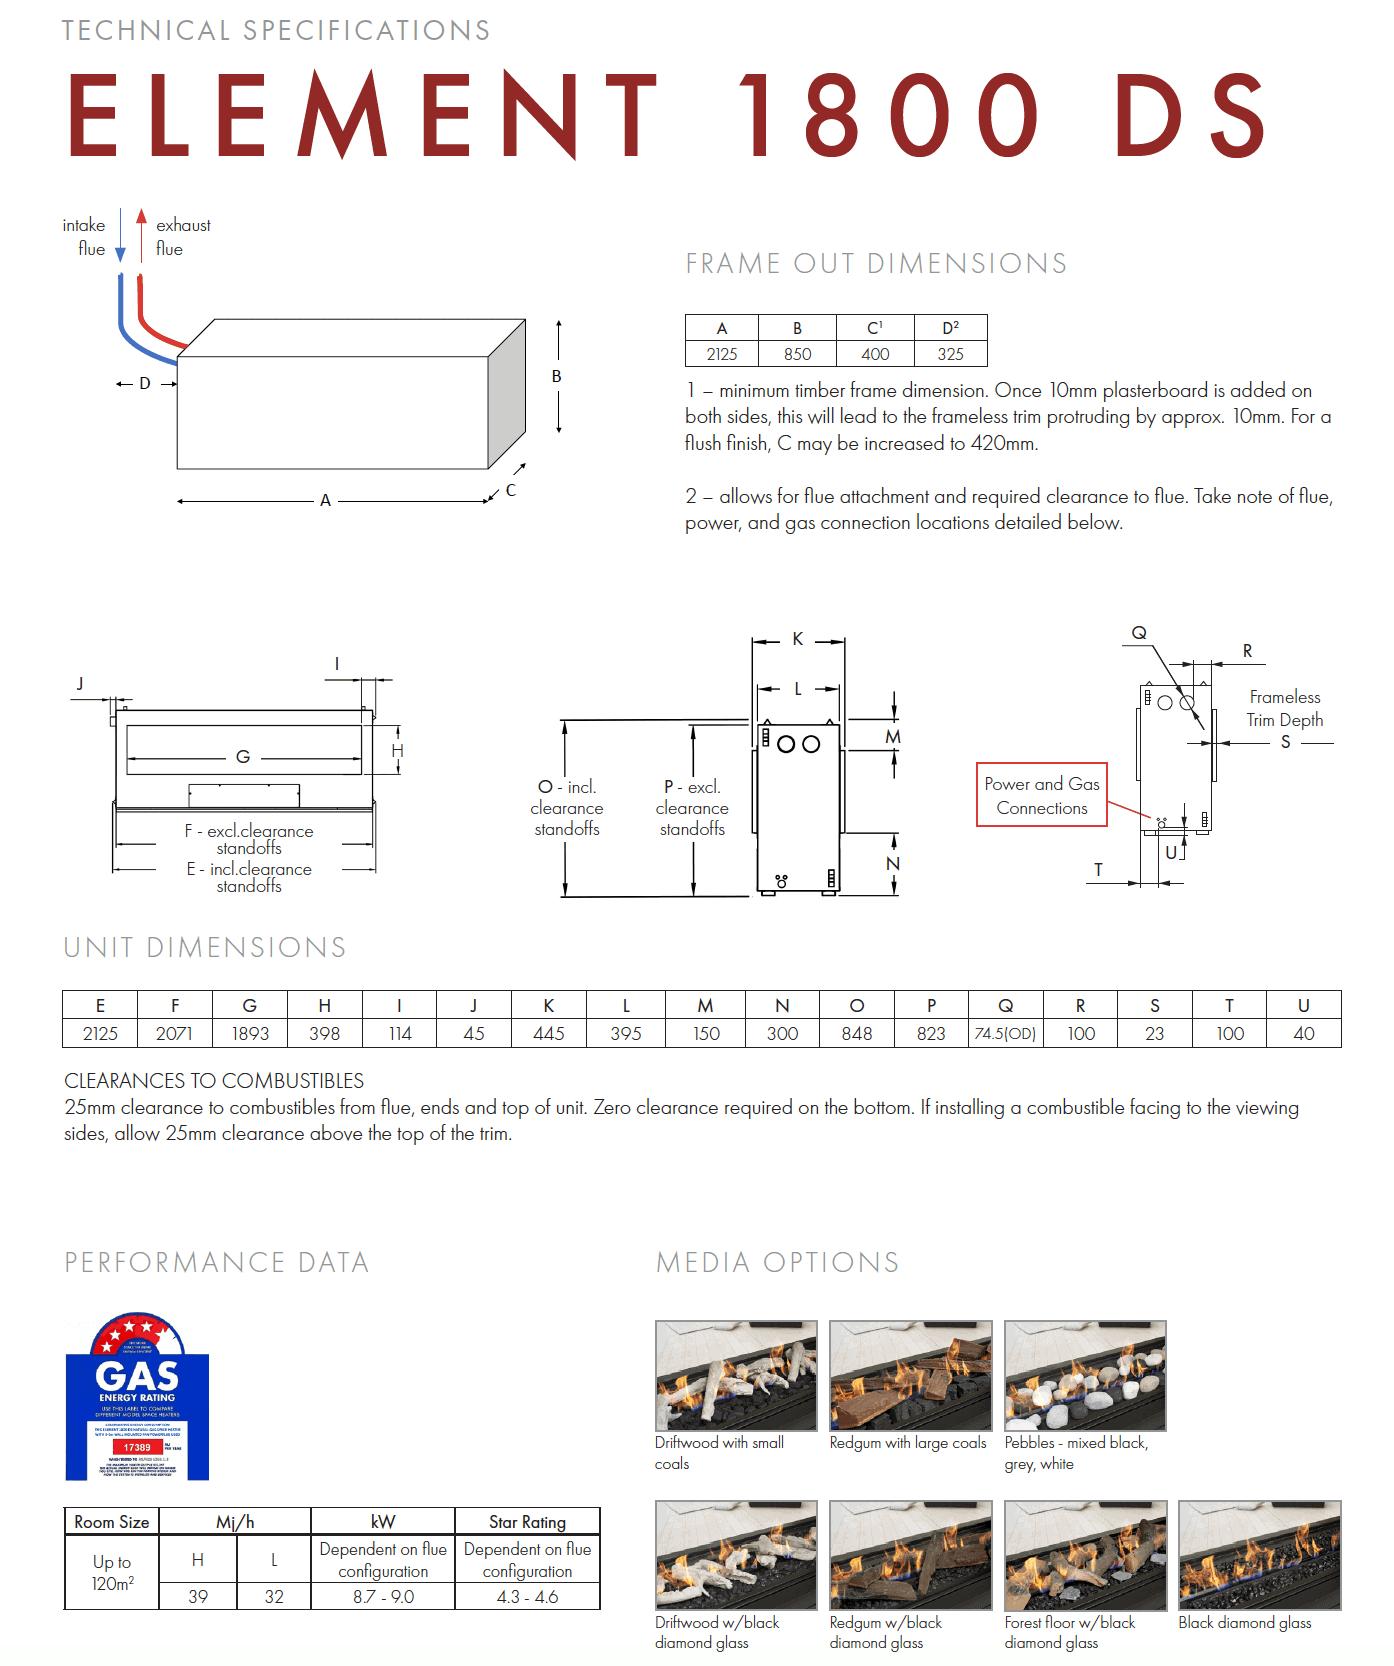 Element 1800ds Technical Specs